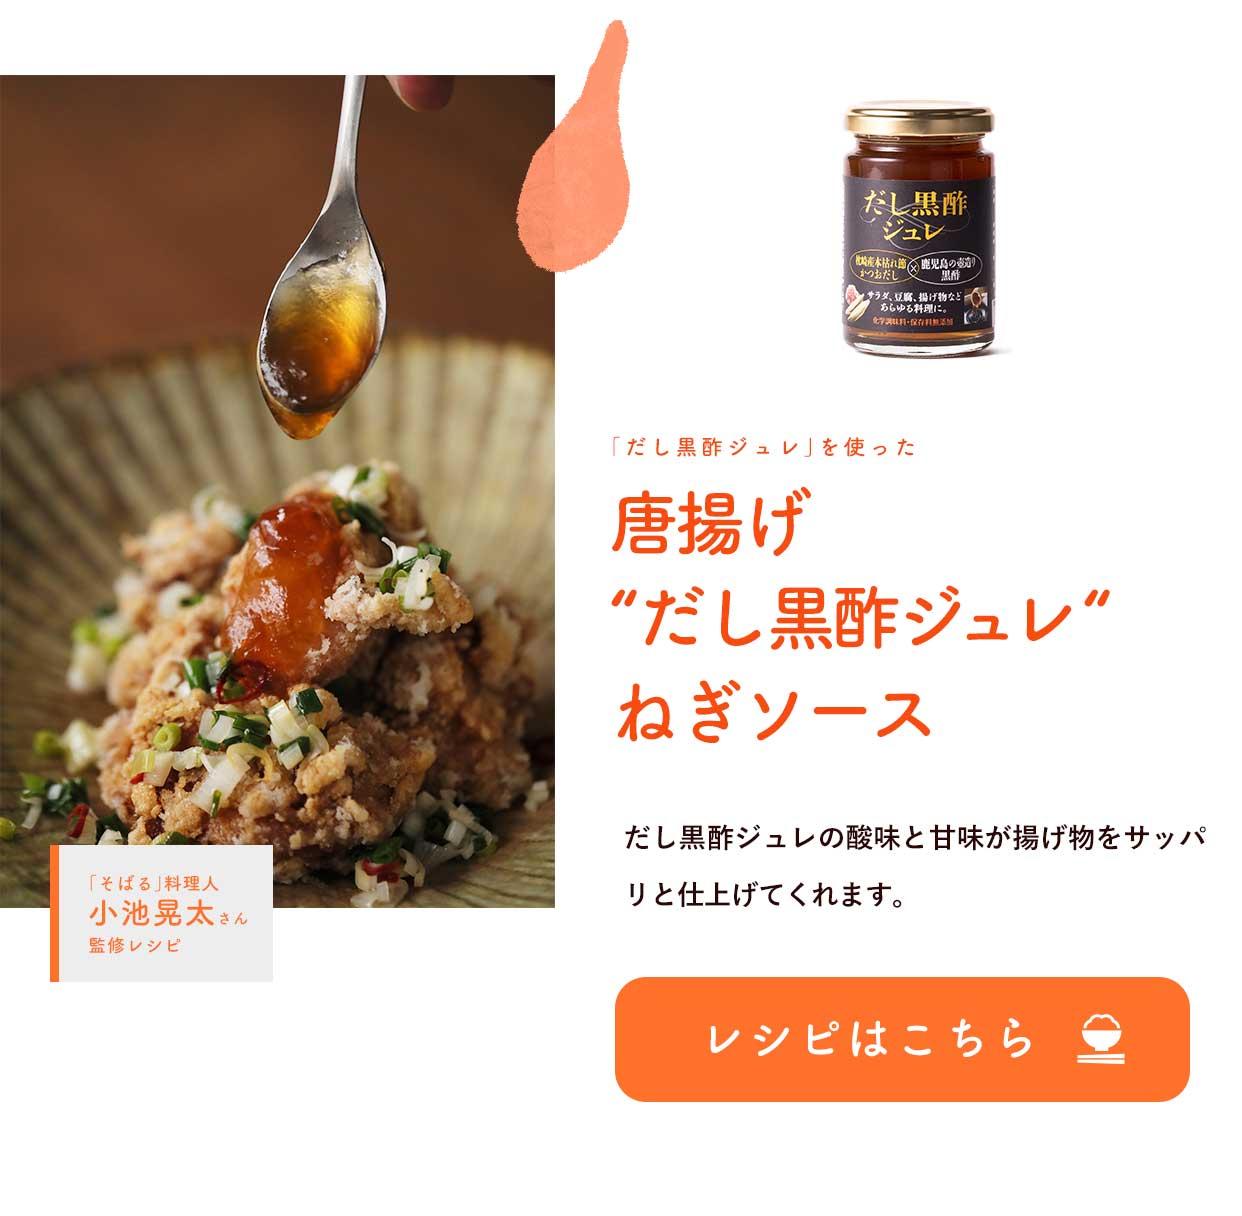 唐揚げ だし黒酢ジュレ ねぎソースのレシピ